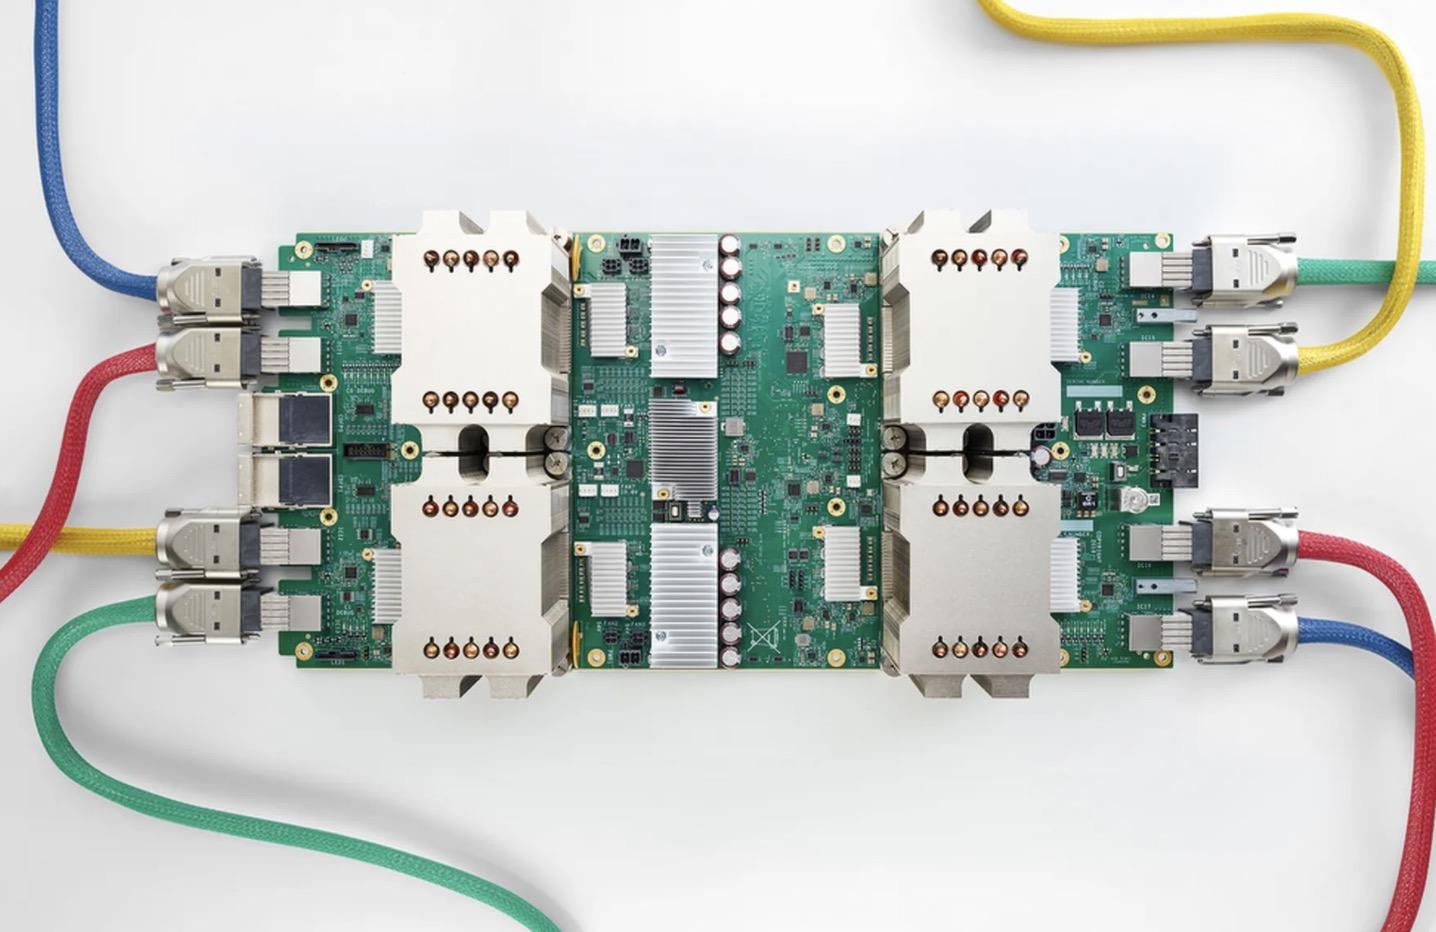 AI của Google tự thiết kế chip chỉ mất 6 tiếng - Ảnh 3.